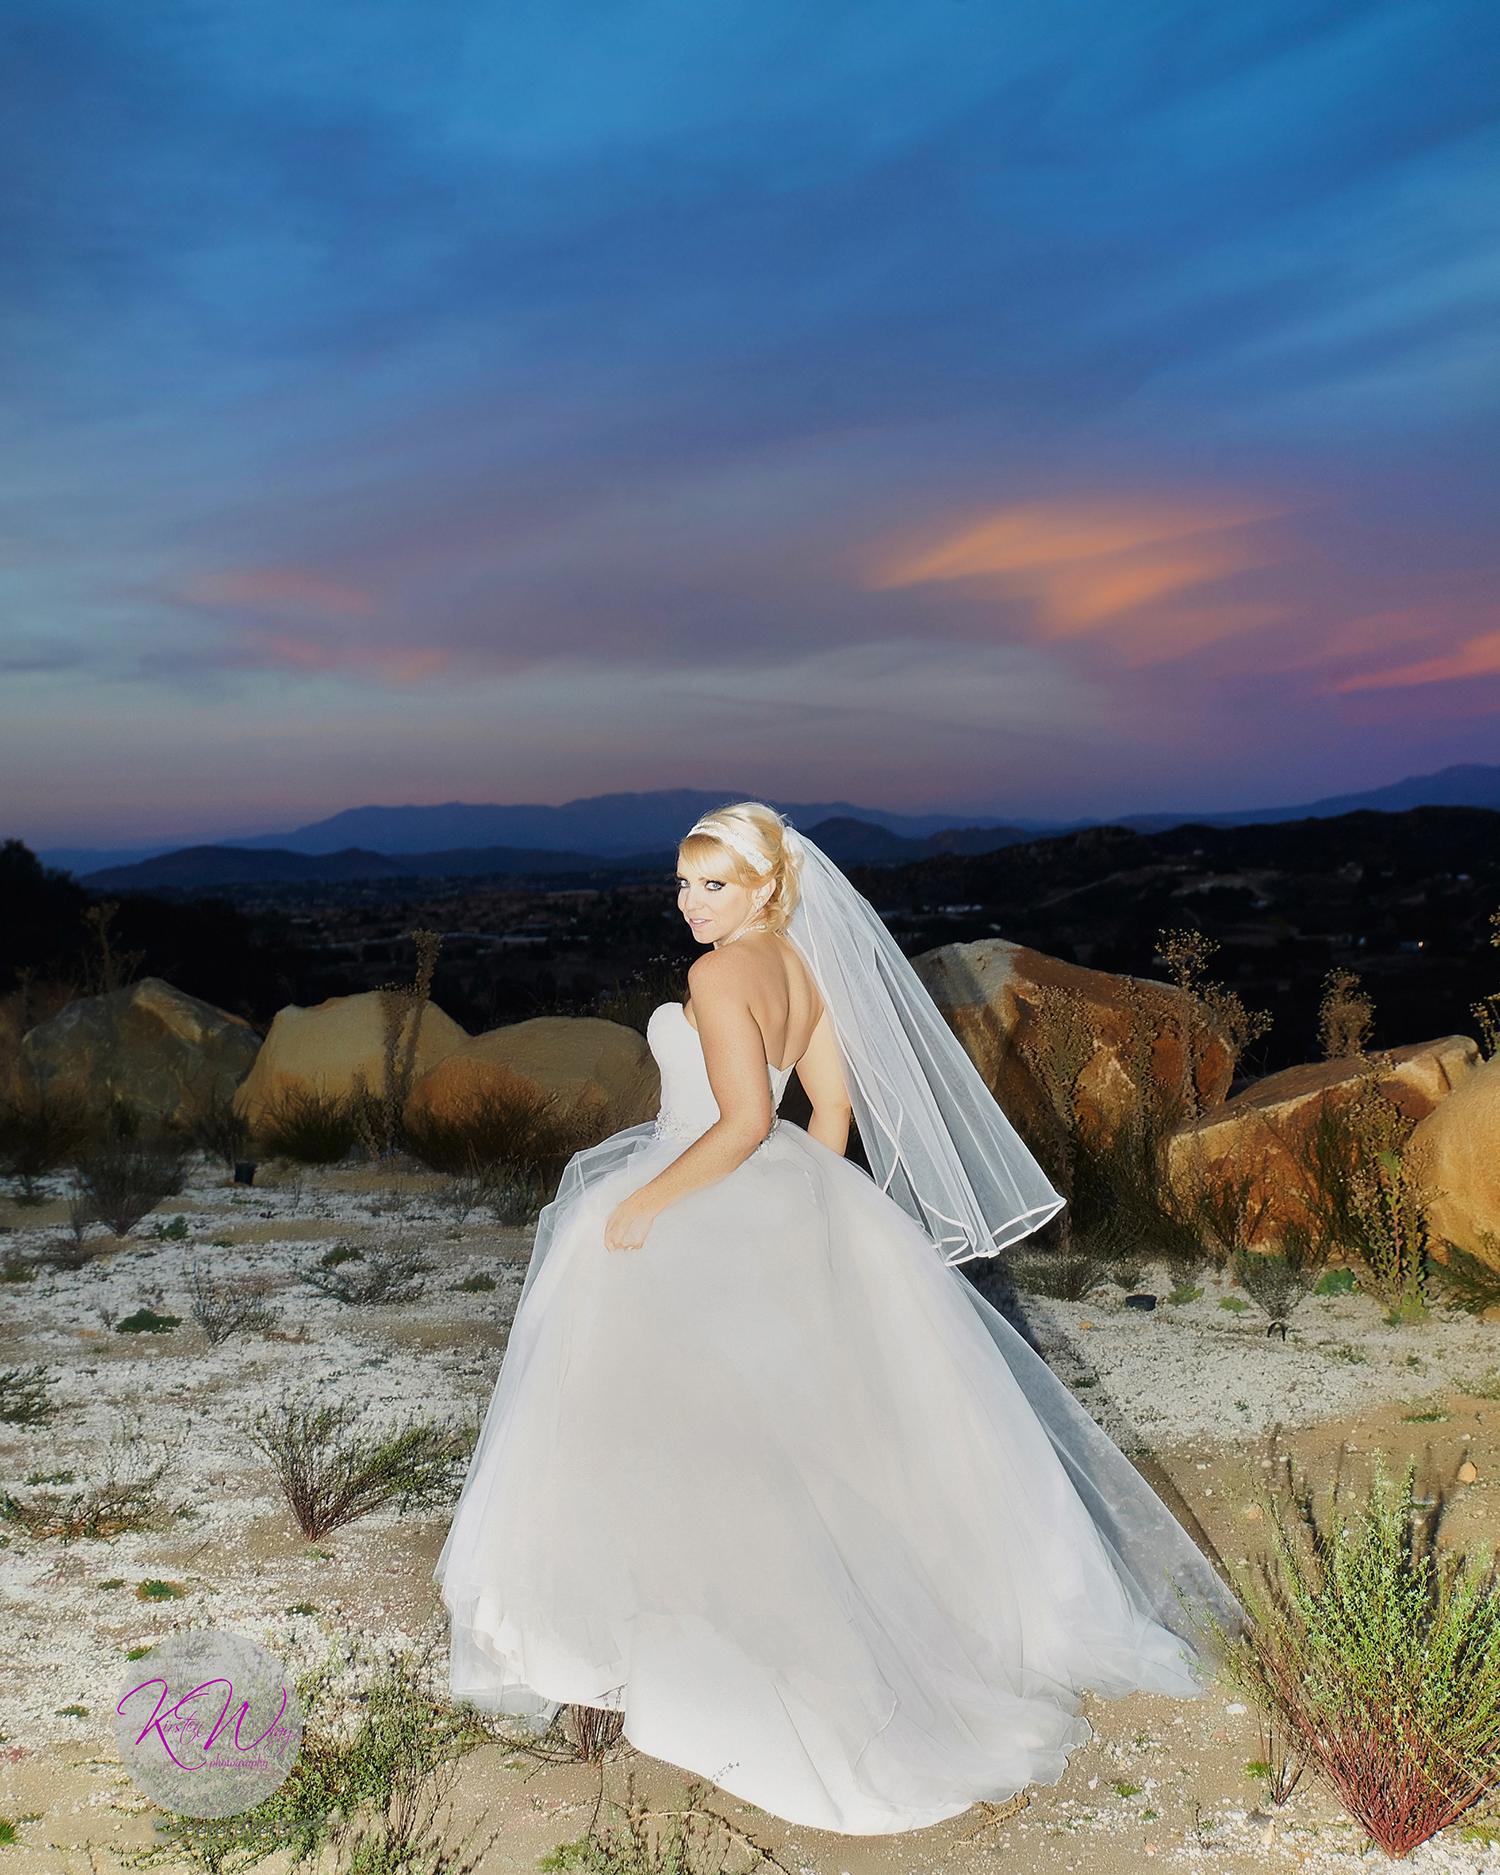 weddings_002.jpg